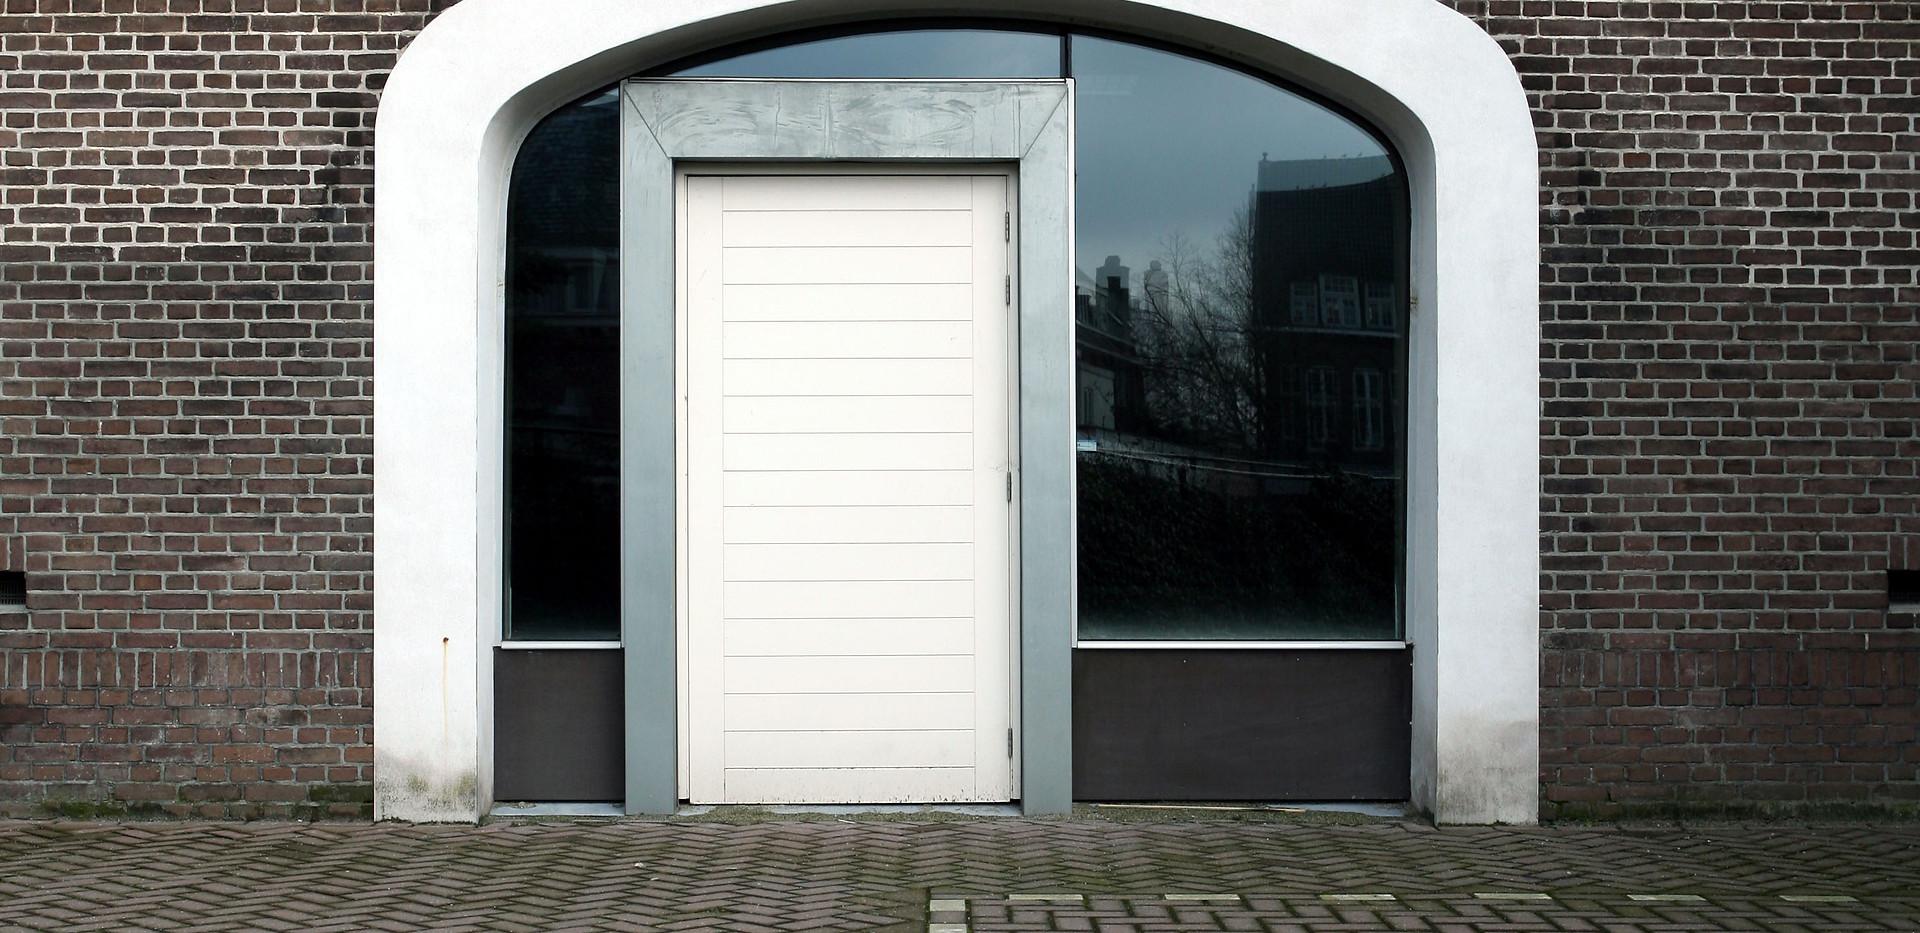 St. Annakerk, Breda